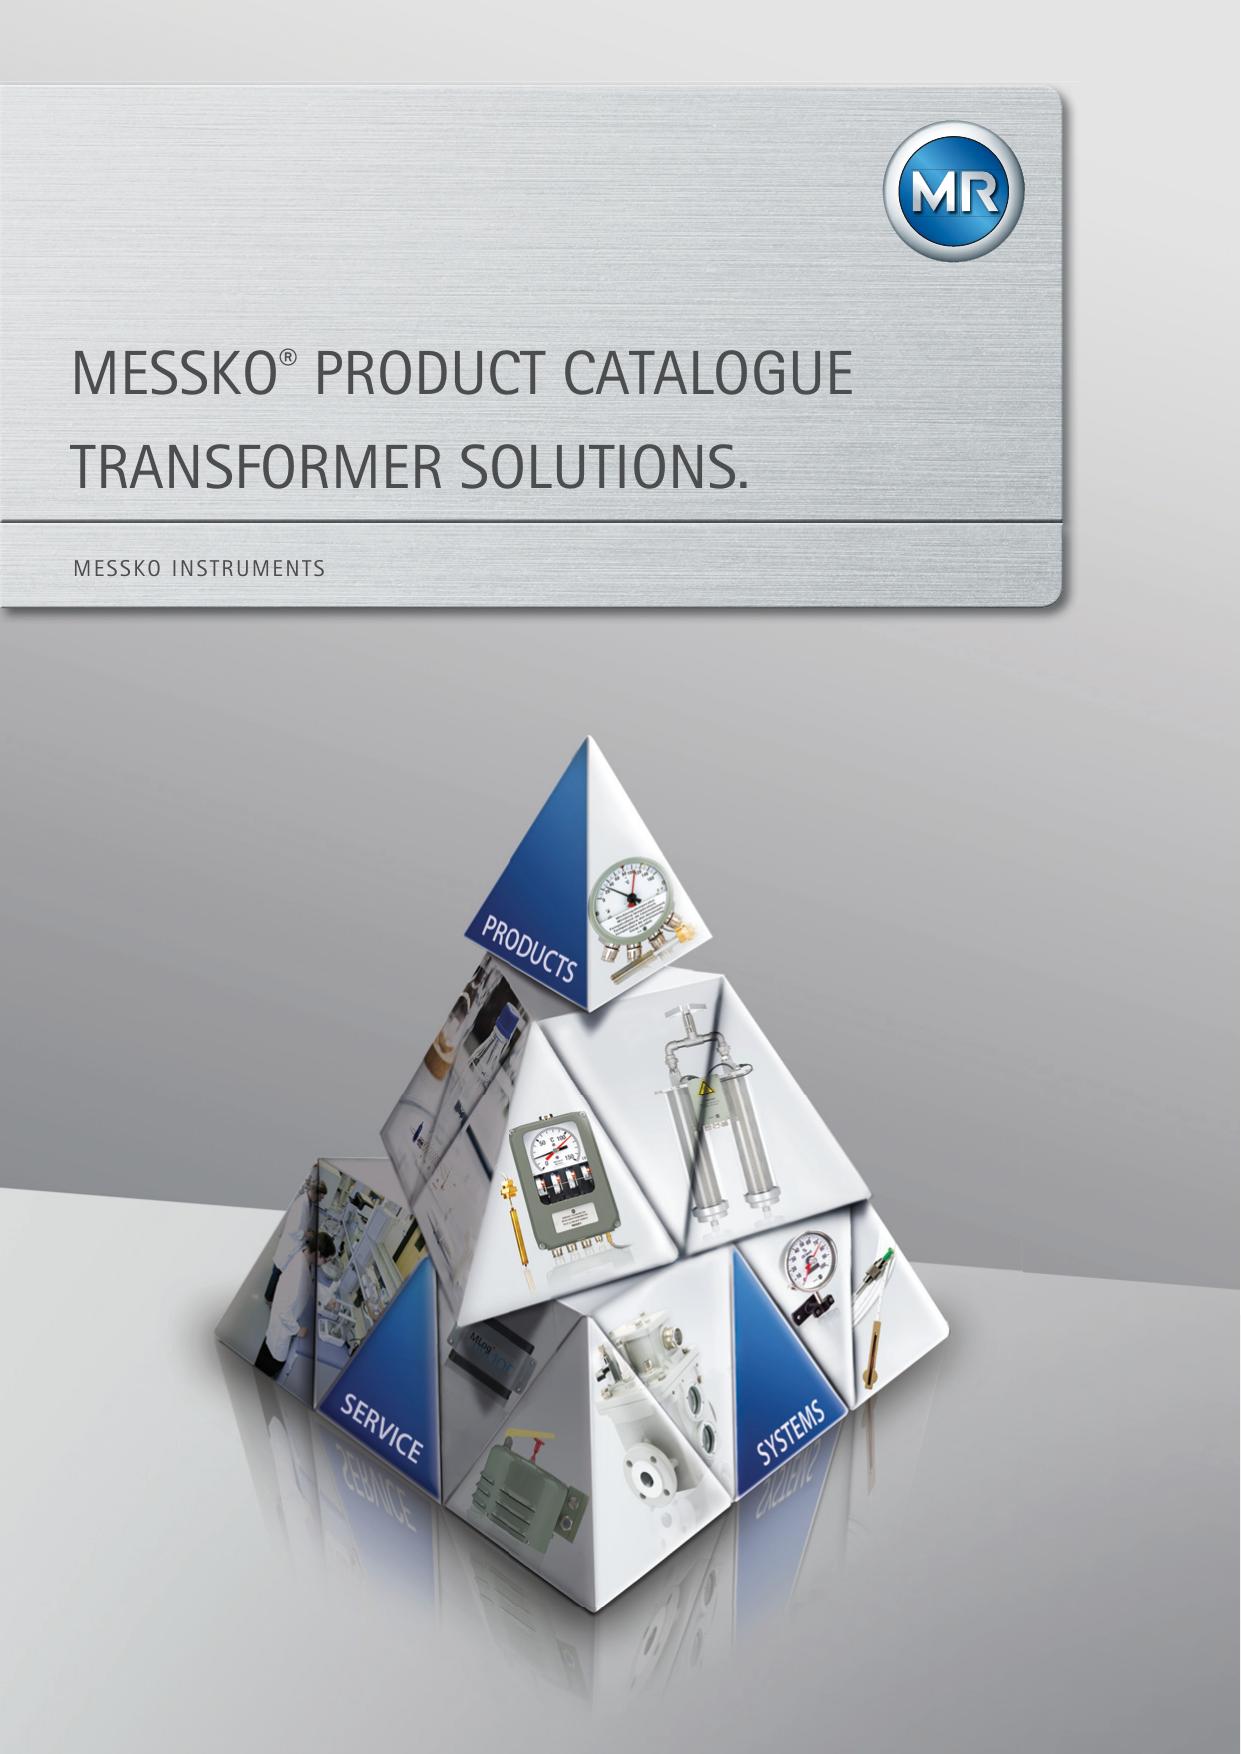 MESSKO® PrODucT cATAlOGuE TrANSFOrMEr | manualzz com